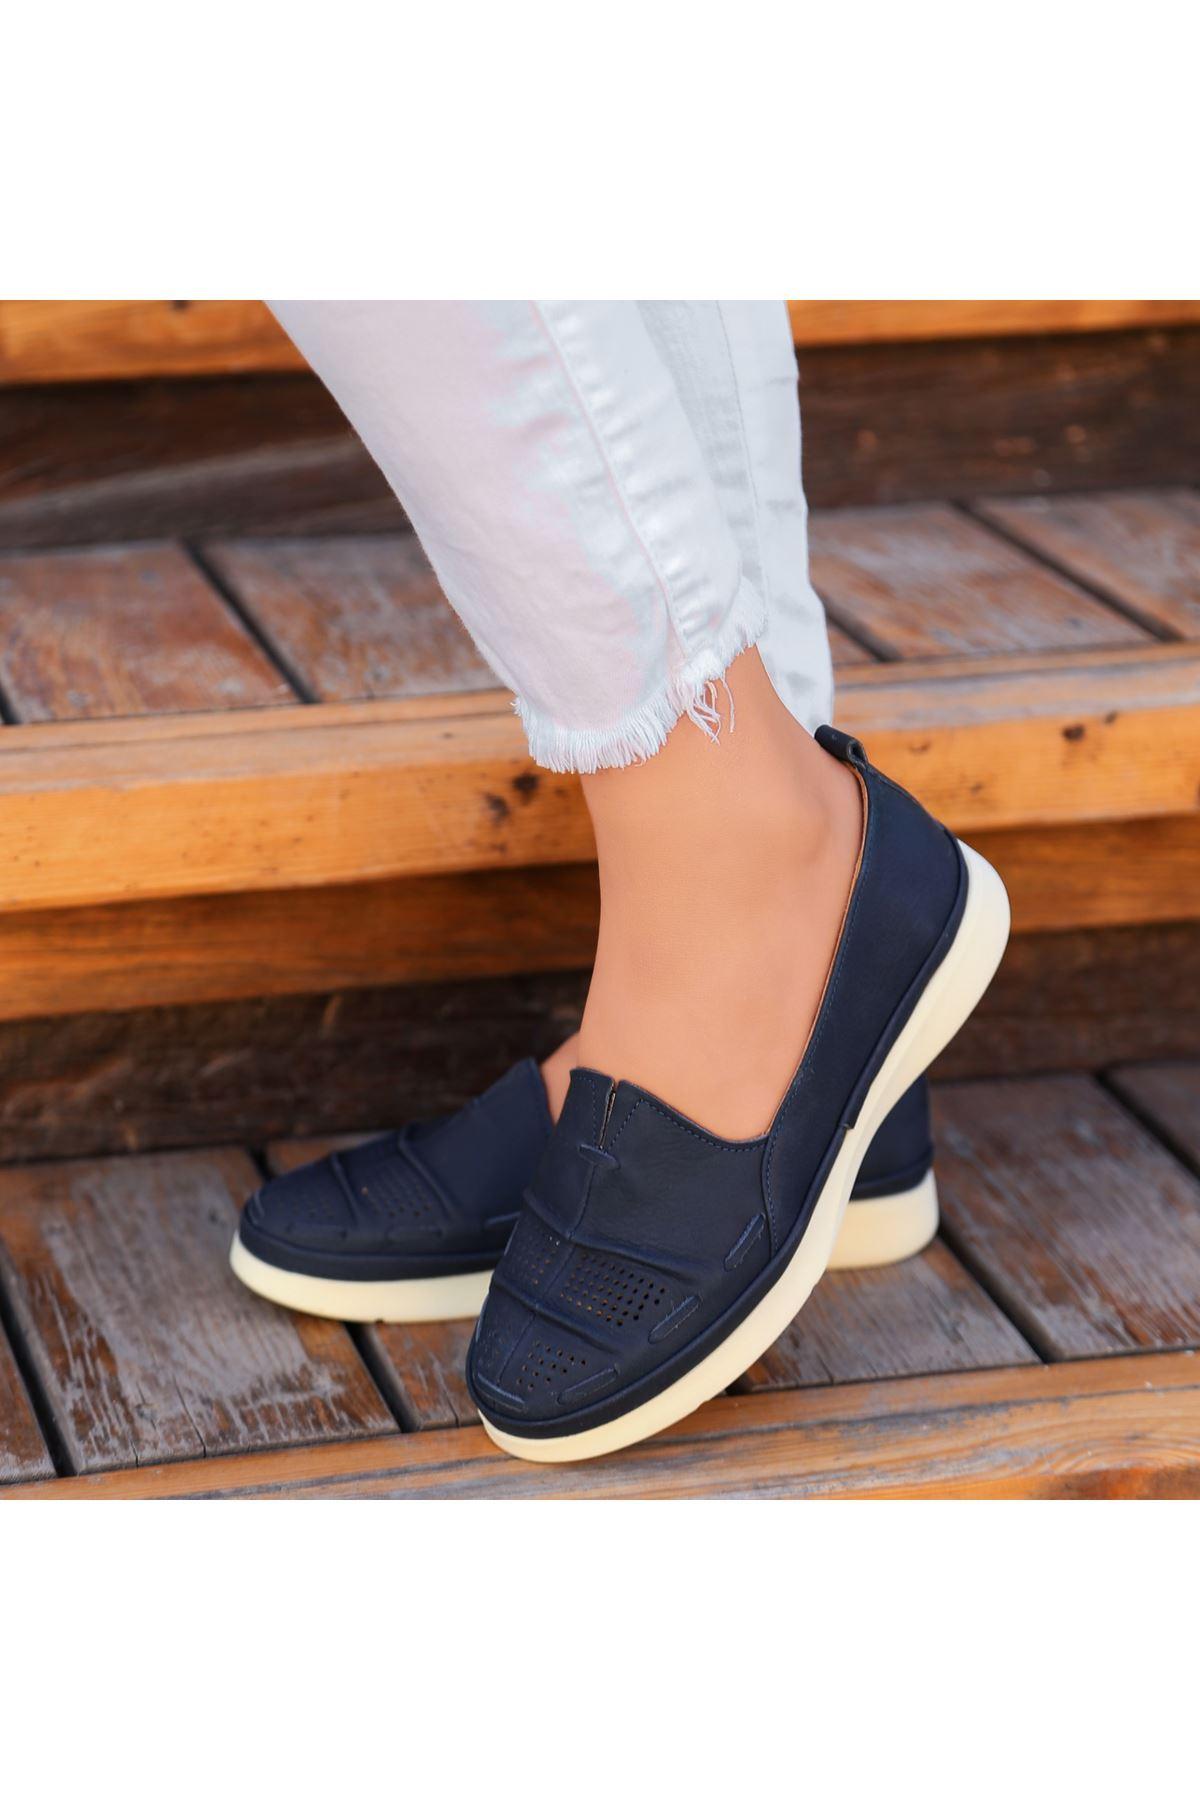 Vico Lacivert Deri Babet Ayakkabı